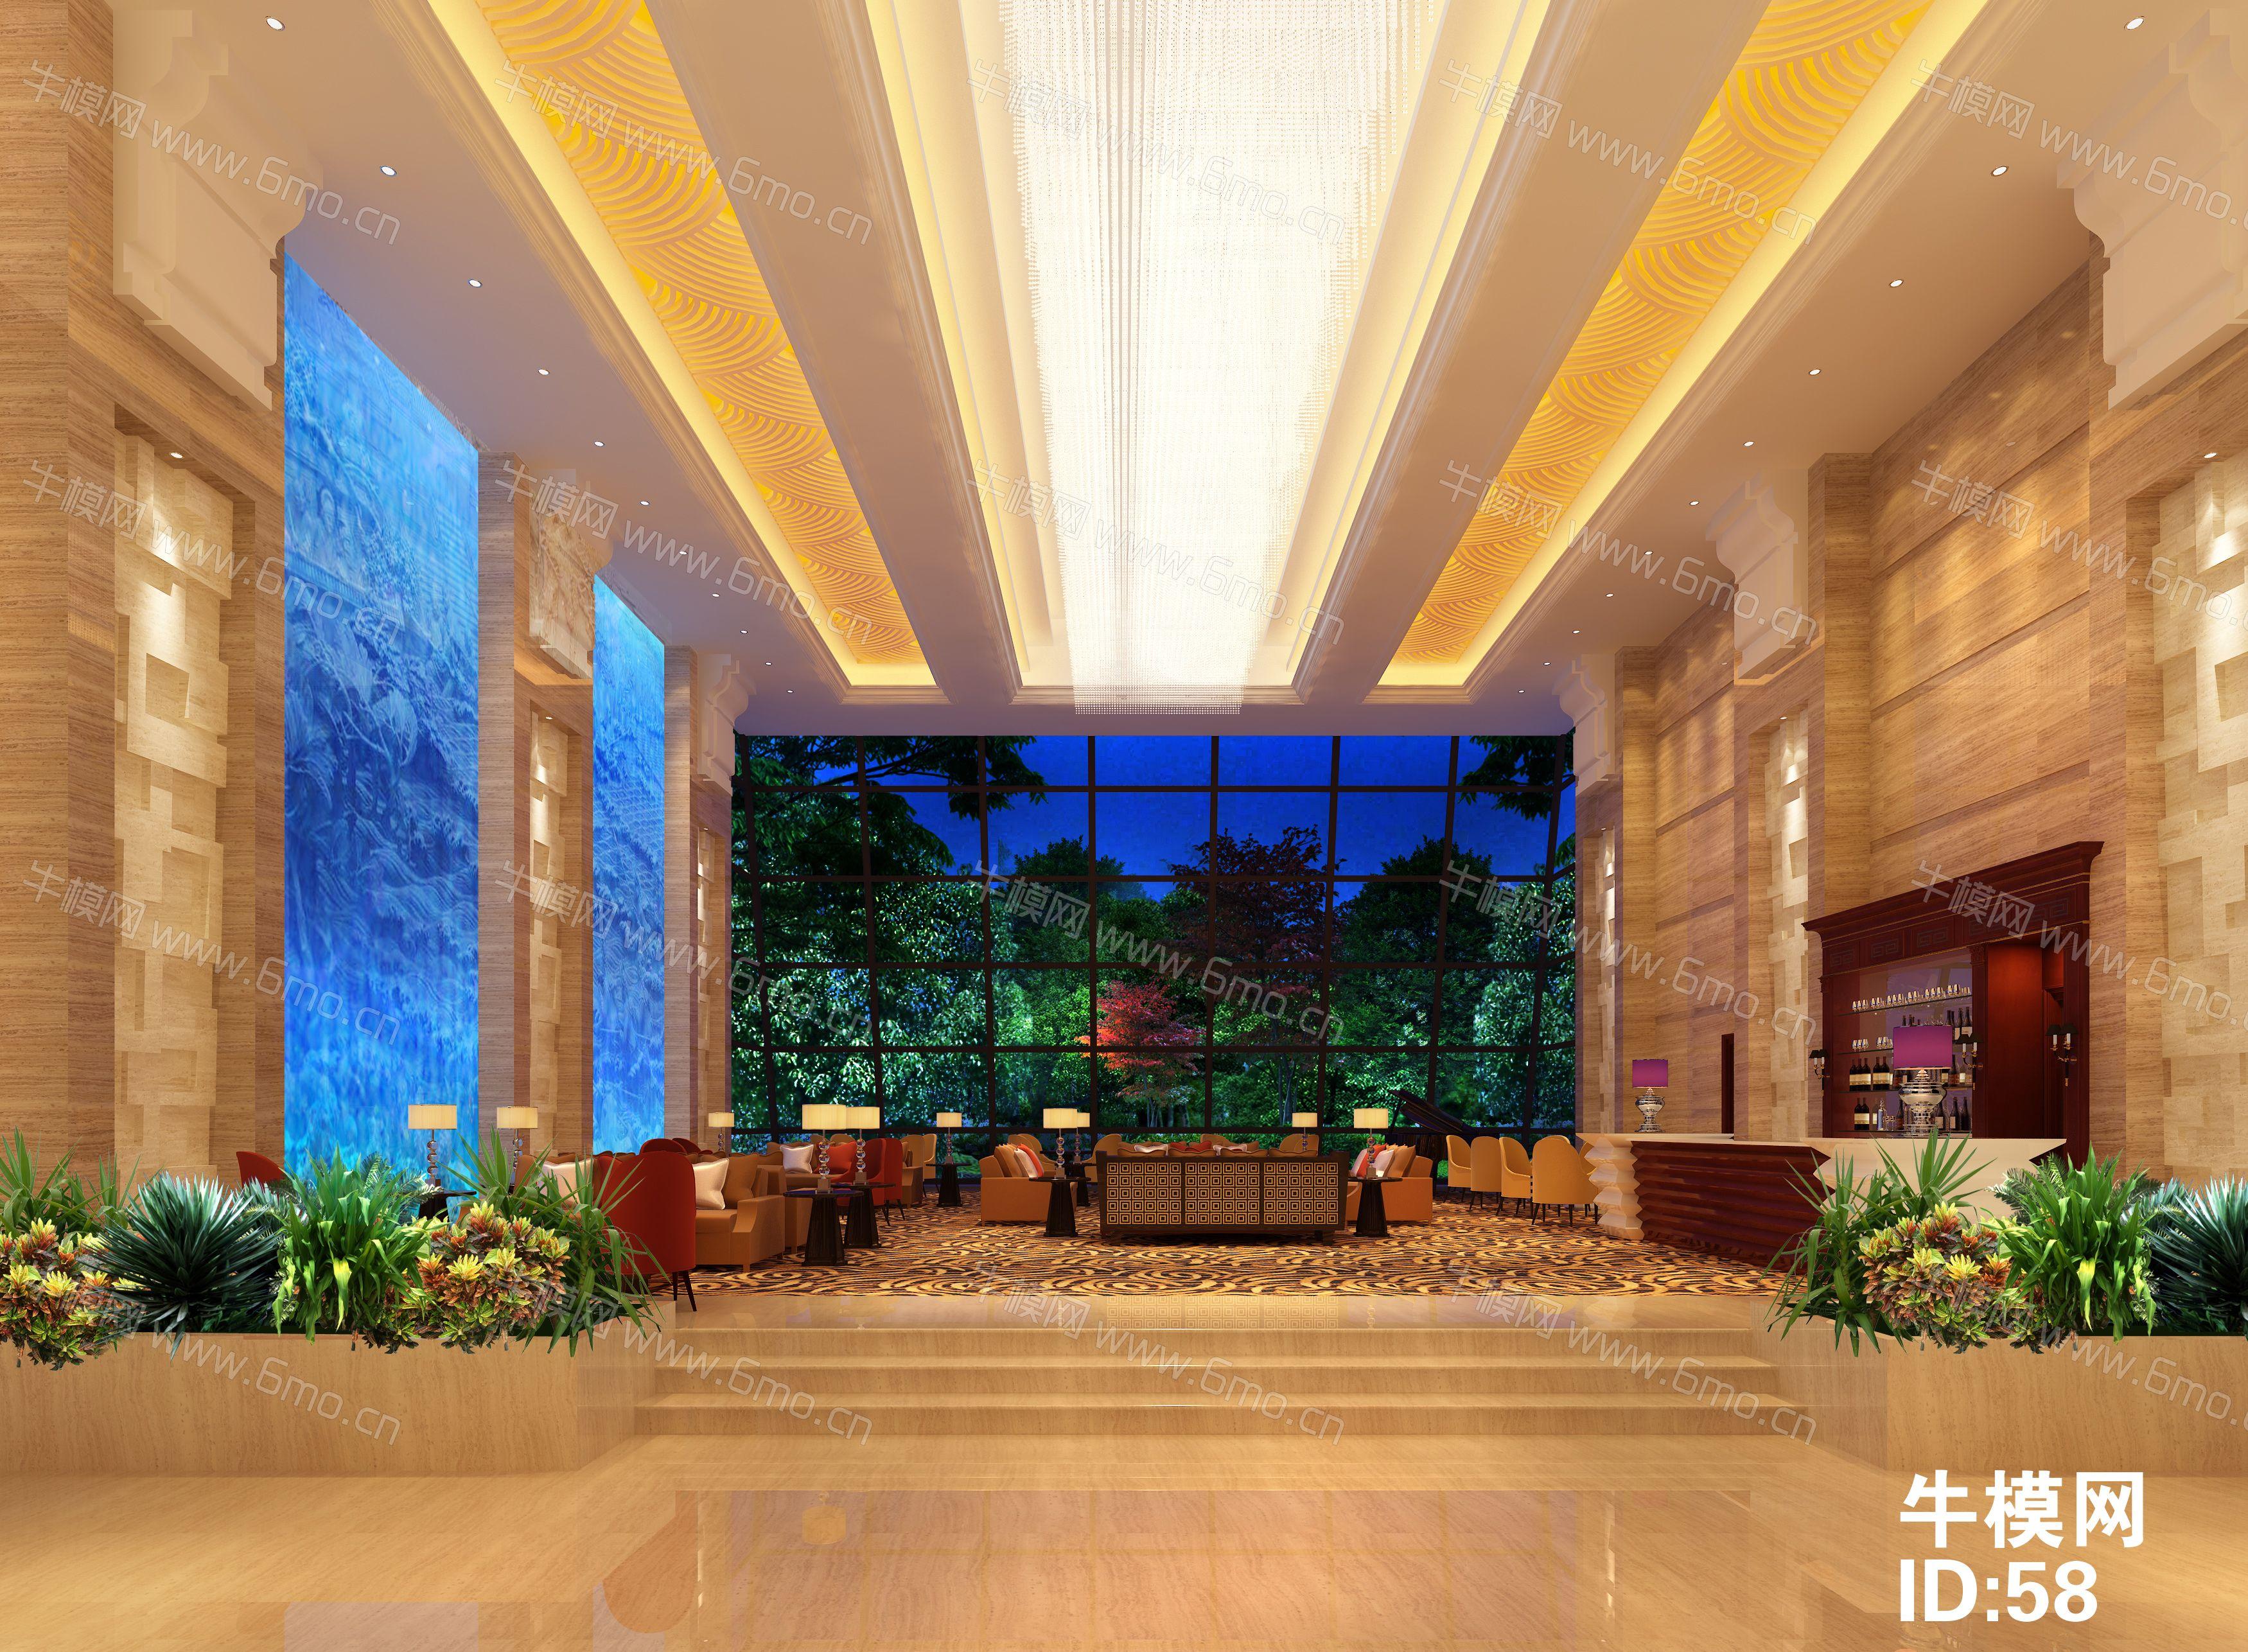 度假酒店大厅休息区下载